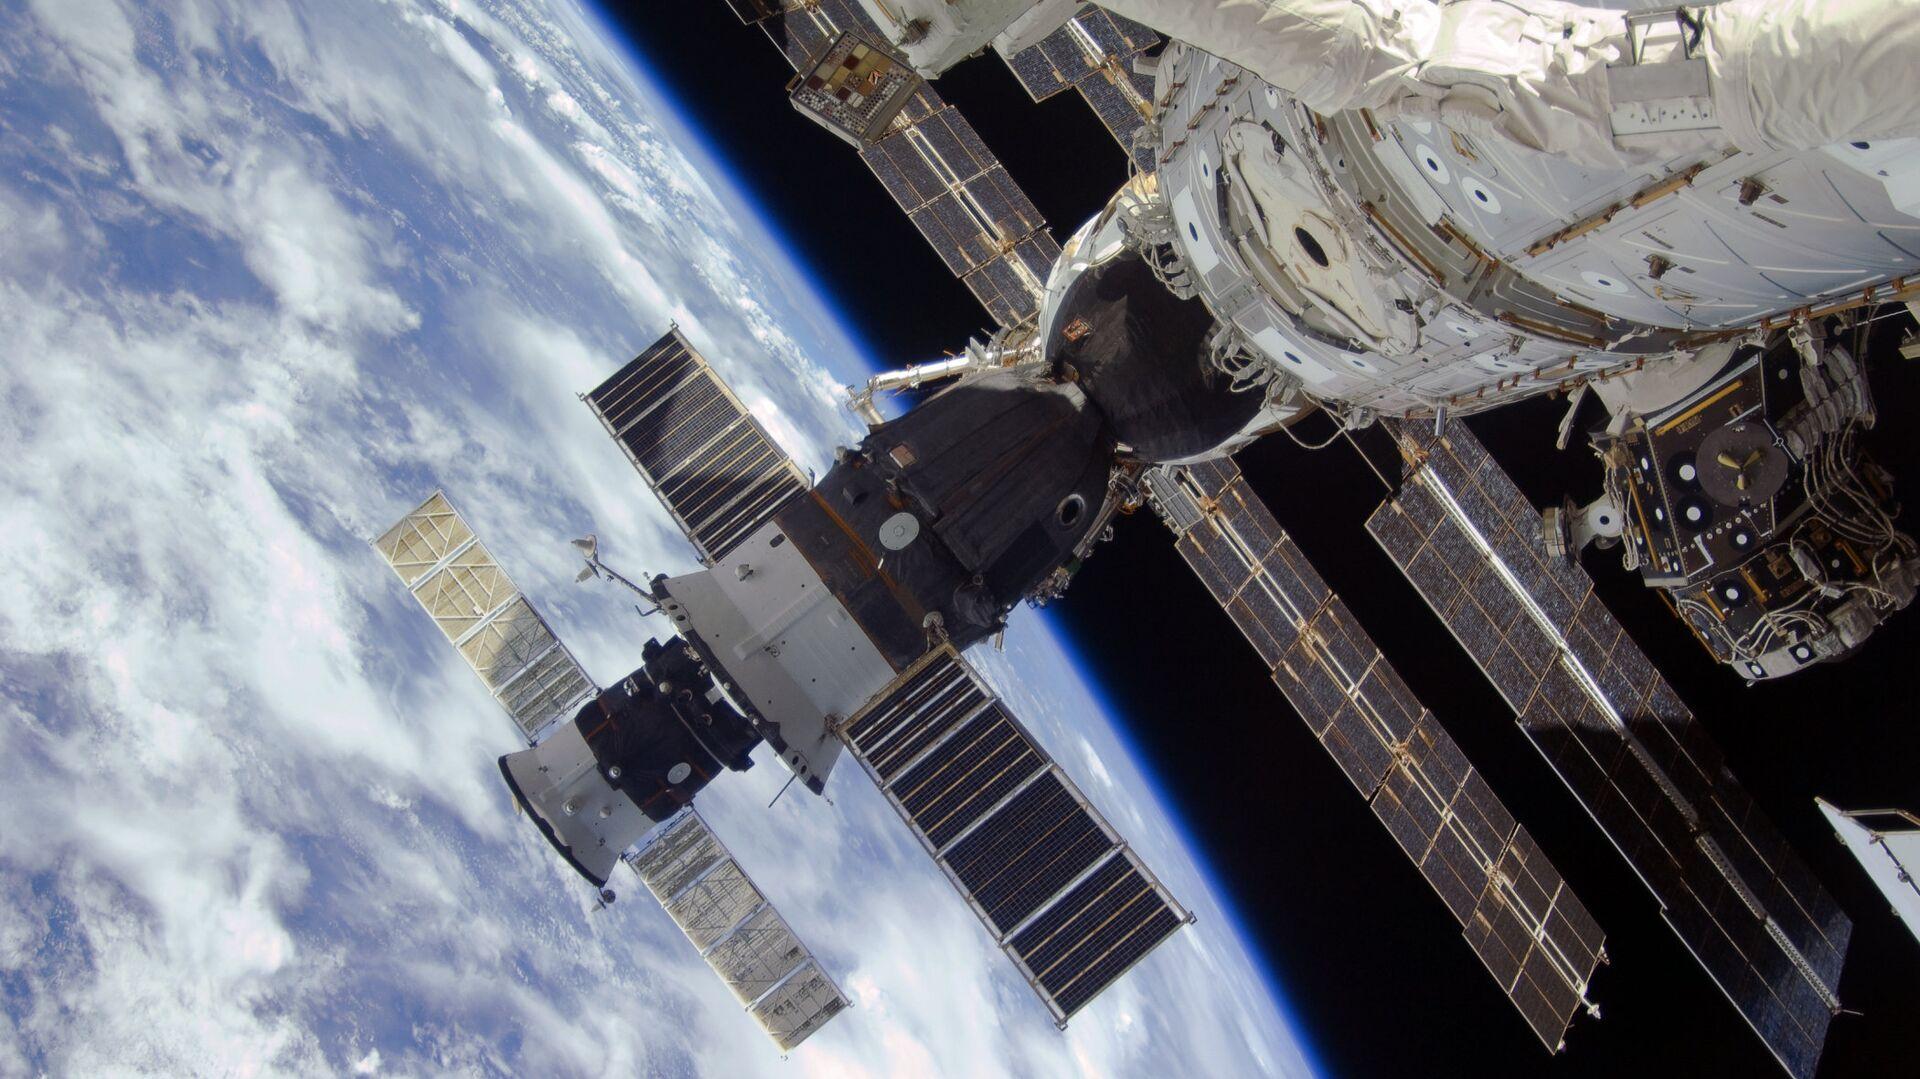 Las naves espaciales Progress y Soyuz en la EEI, en la órbita terrestre - Sputnik Mundo, 1920, 08.07.2021